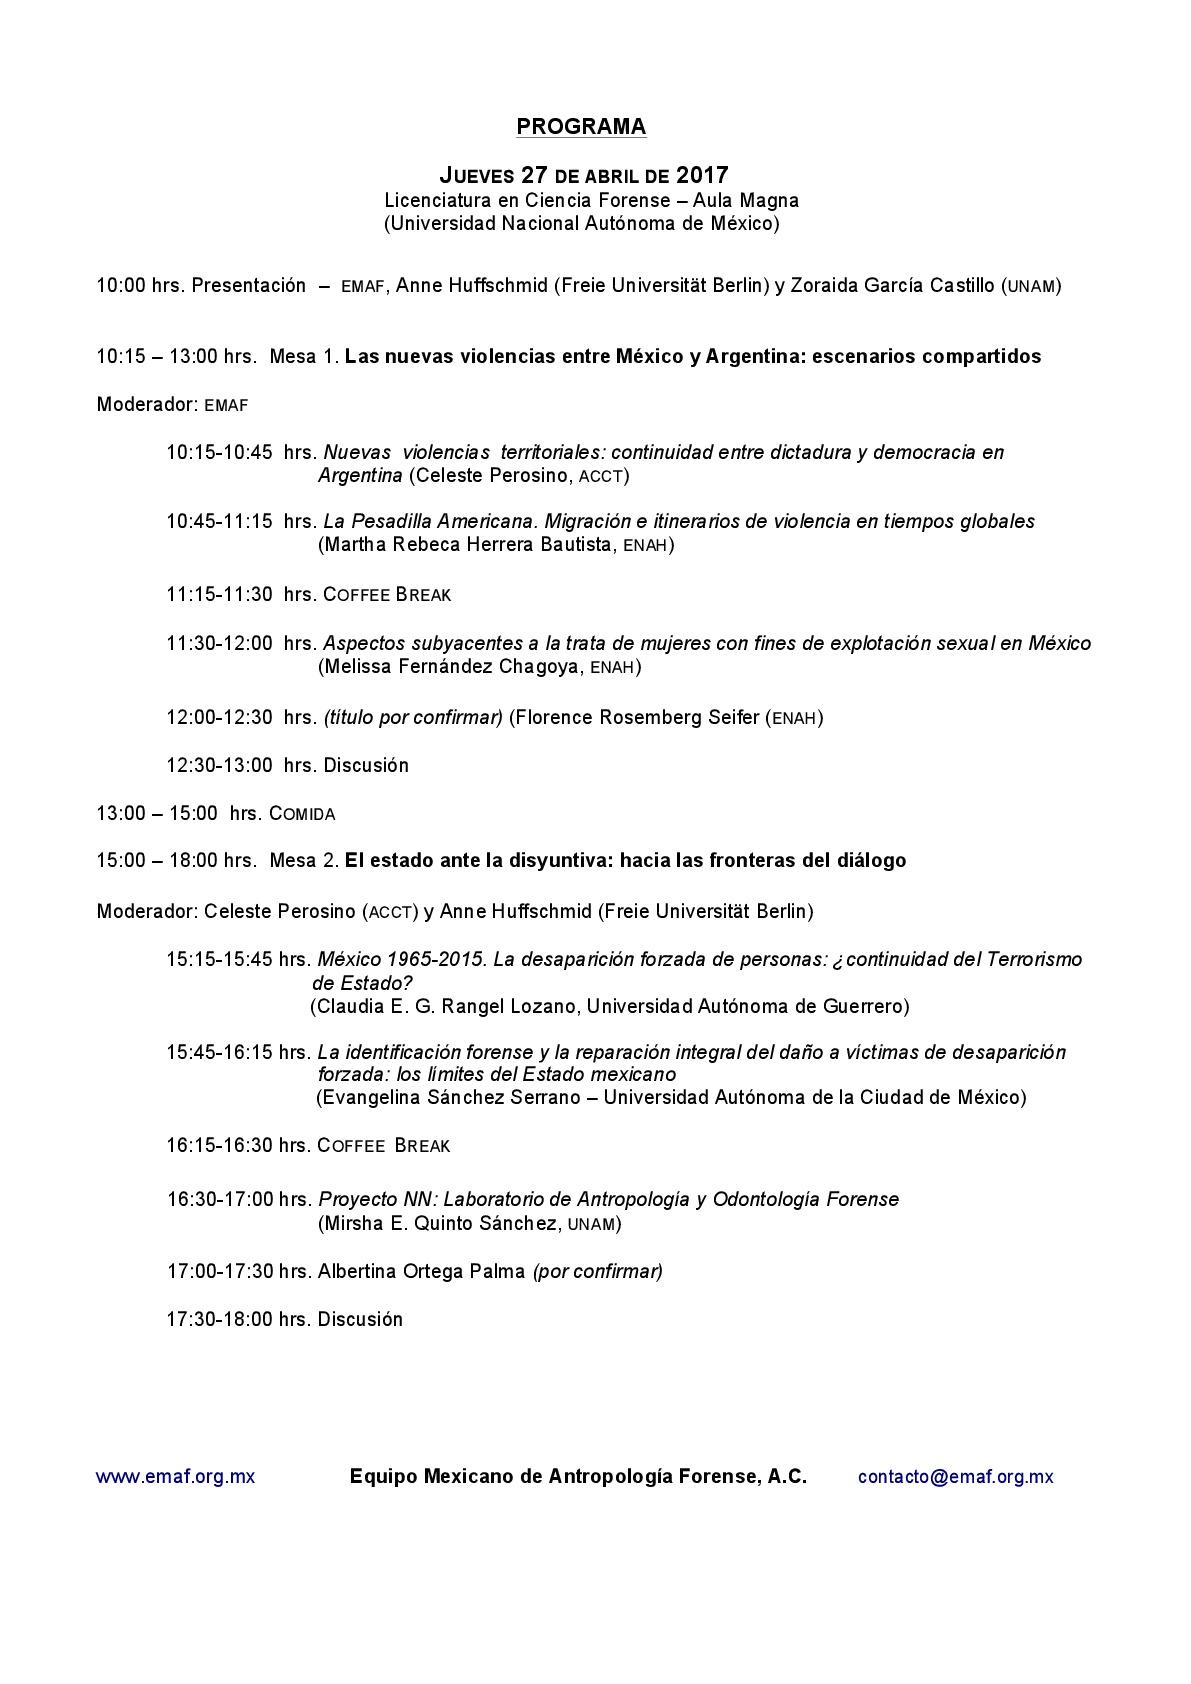 Programa 27 de abril. Primer Conversatorio Internacional: Respirando desde las entrañas de la violencia. Prácticas y reflexiones de la antropología forense entre México y Argentina